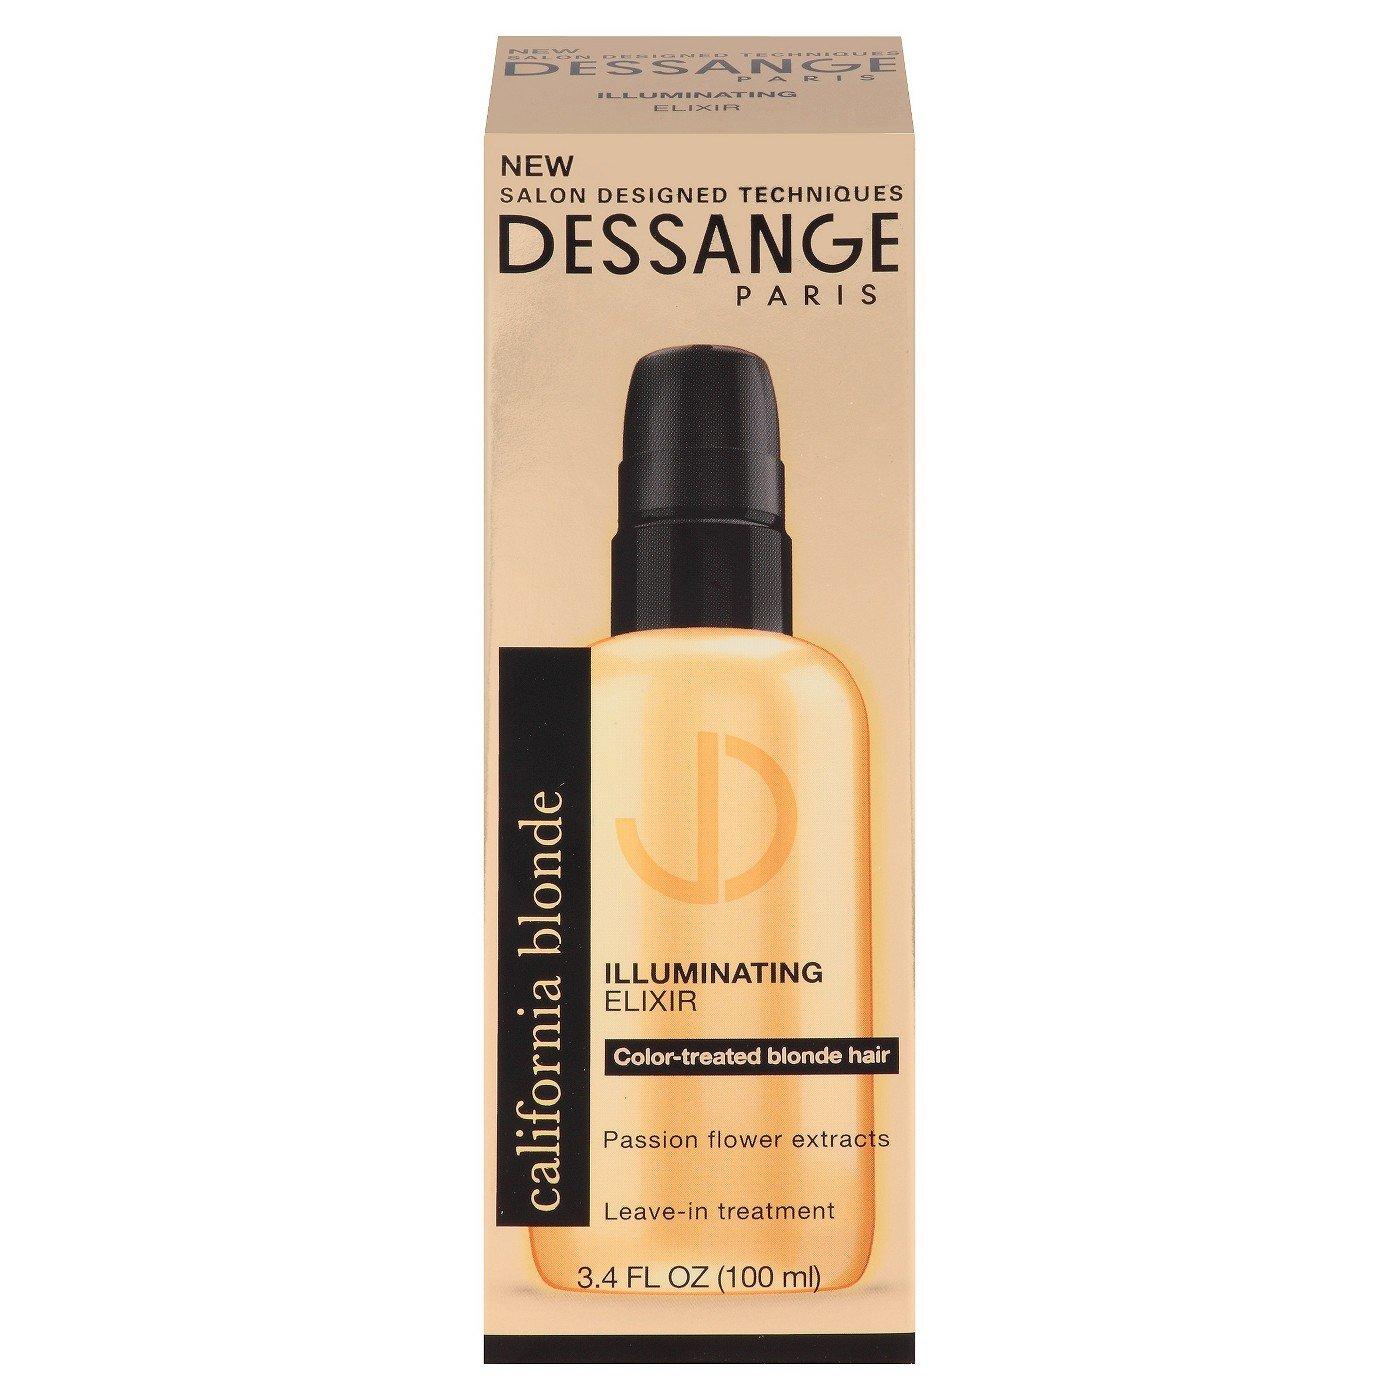 Salon Exclusive Techniques Dessange Paris Illuminating Elixir Leave-in Treatment 3.4 Oz by Dessange Paris